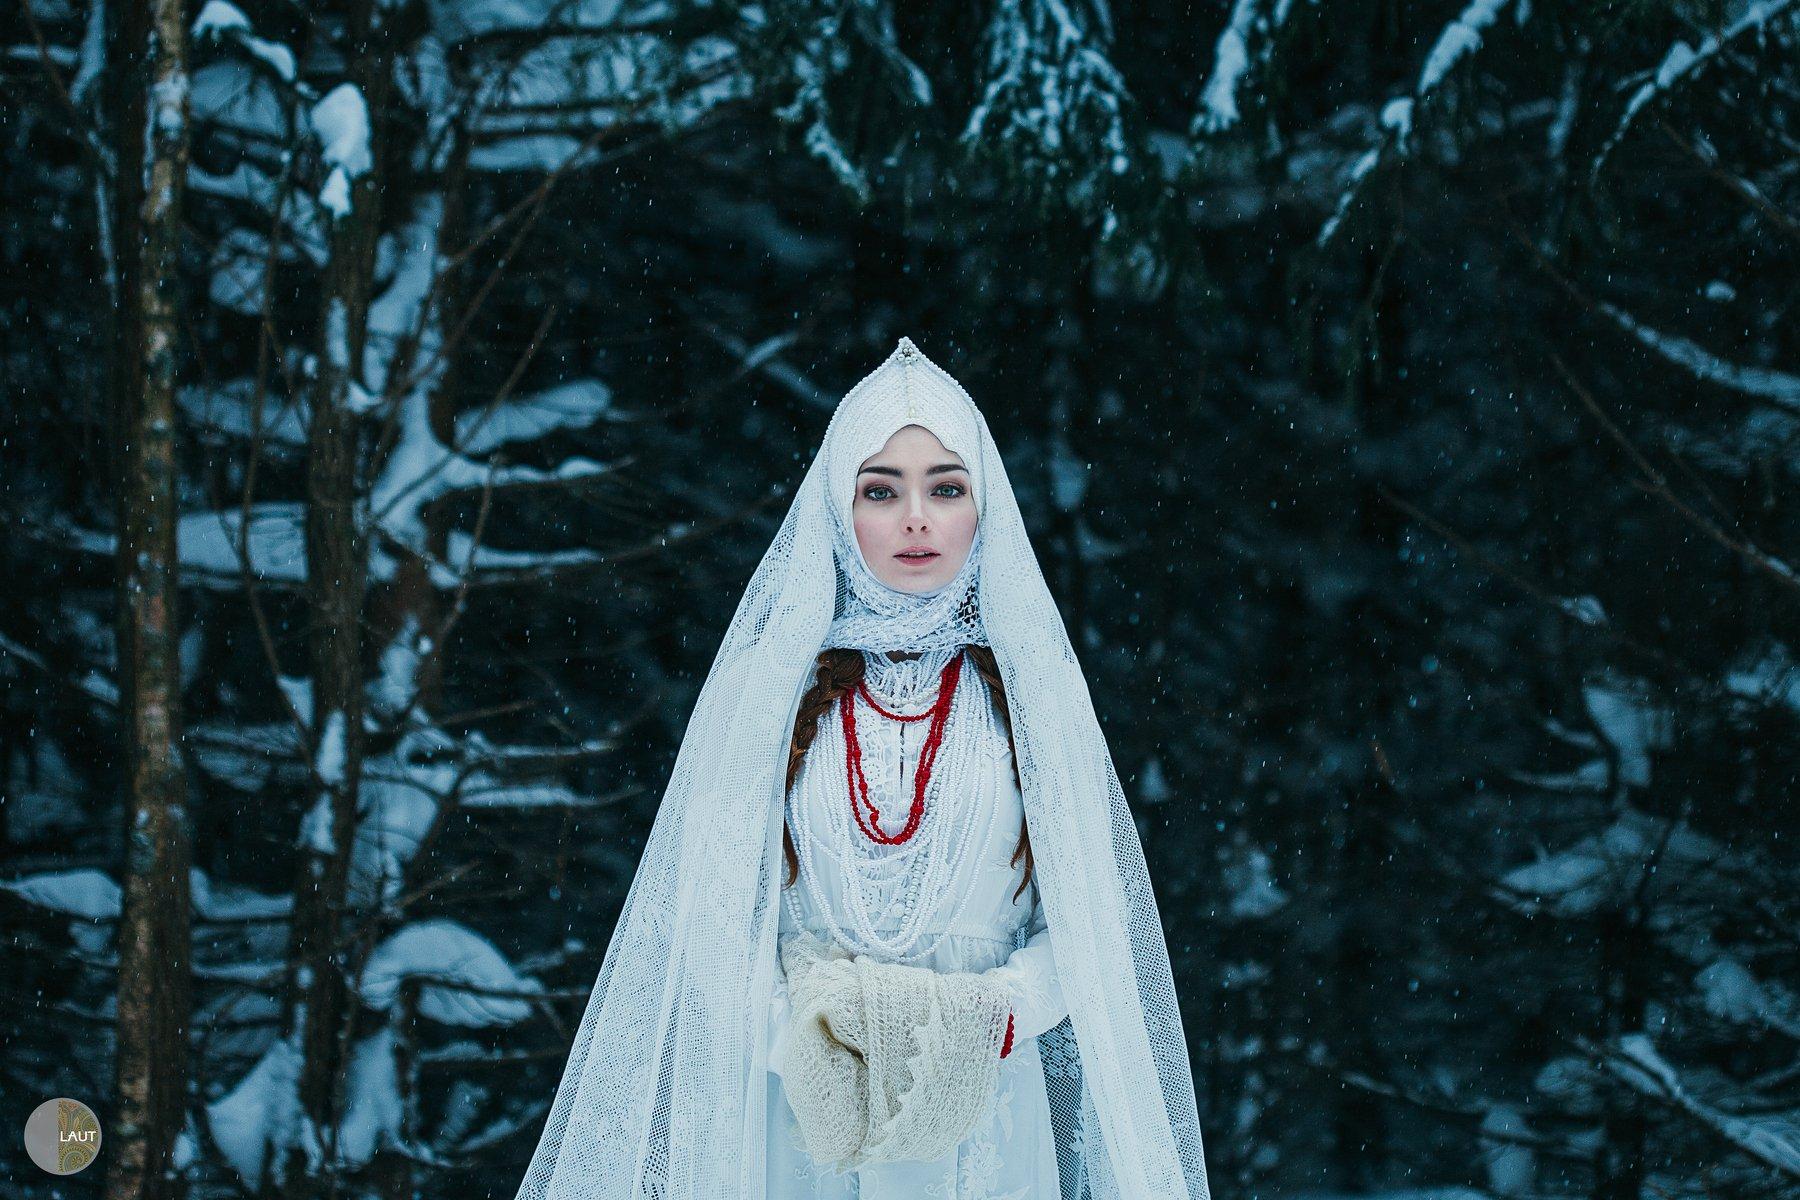 olgalaut портрет лес творческая фотосессия, Лаутъ Ольга